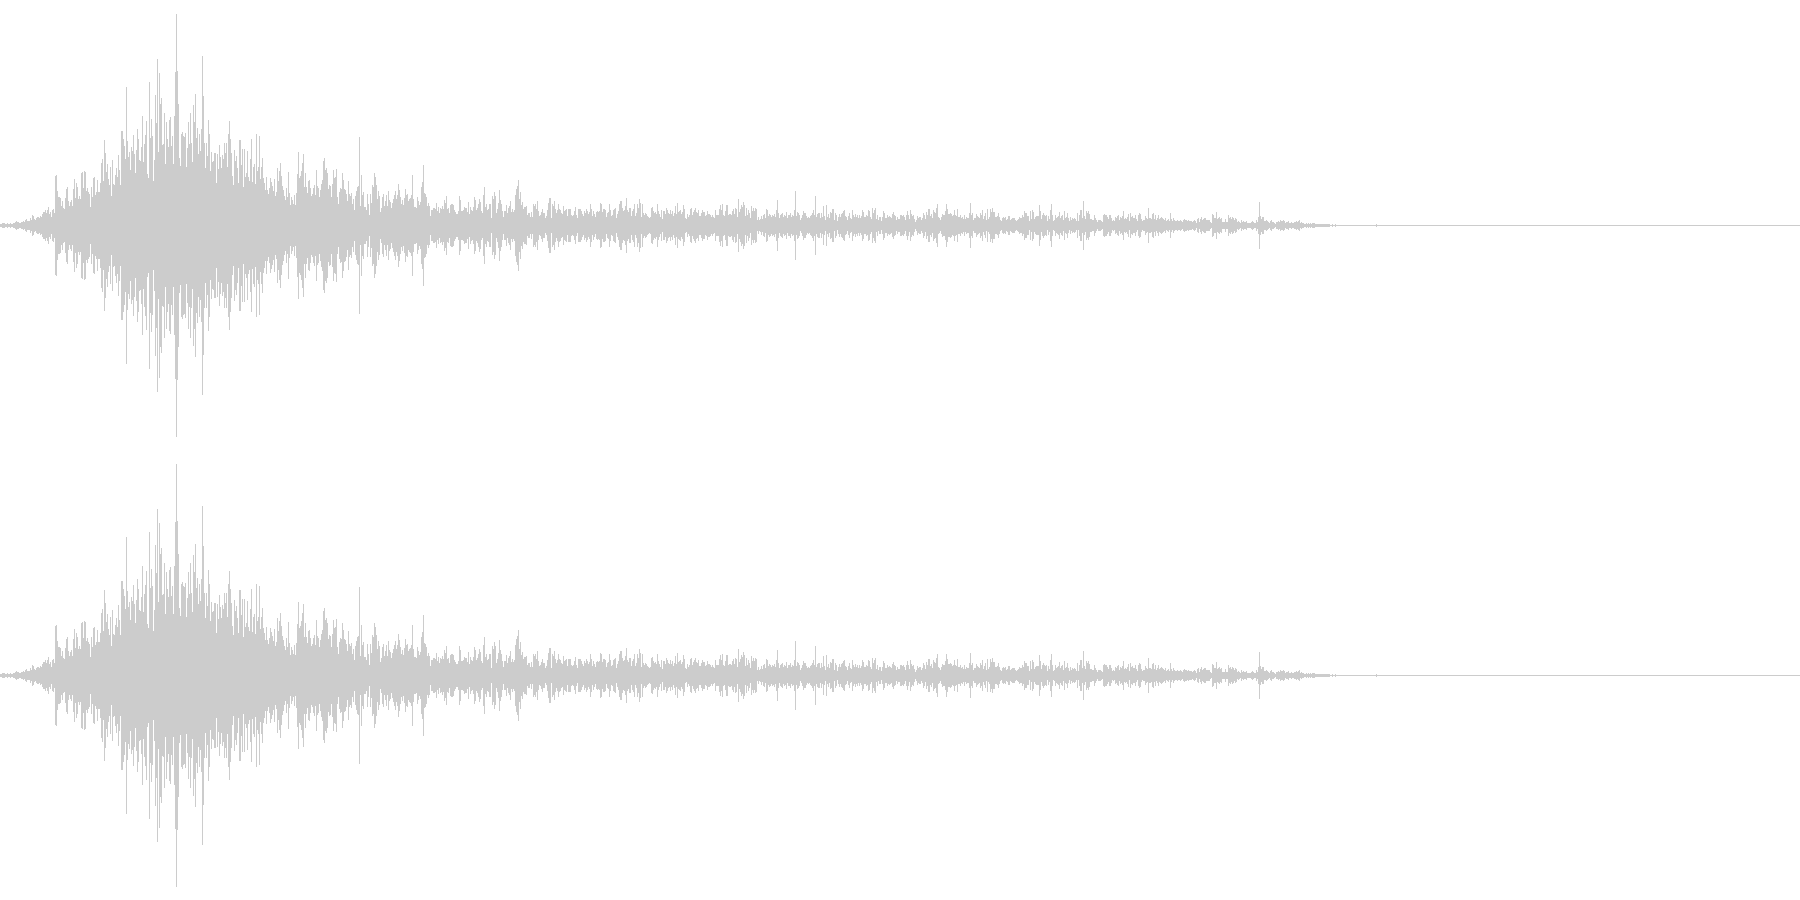 ゾンビやモンスターの唸り声/叫び声19bの未再生の波形